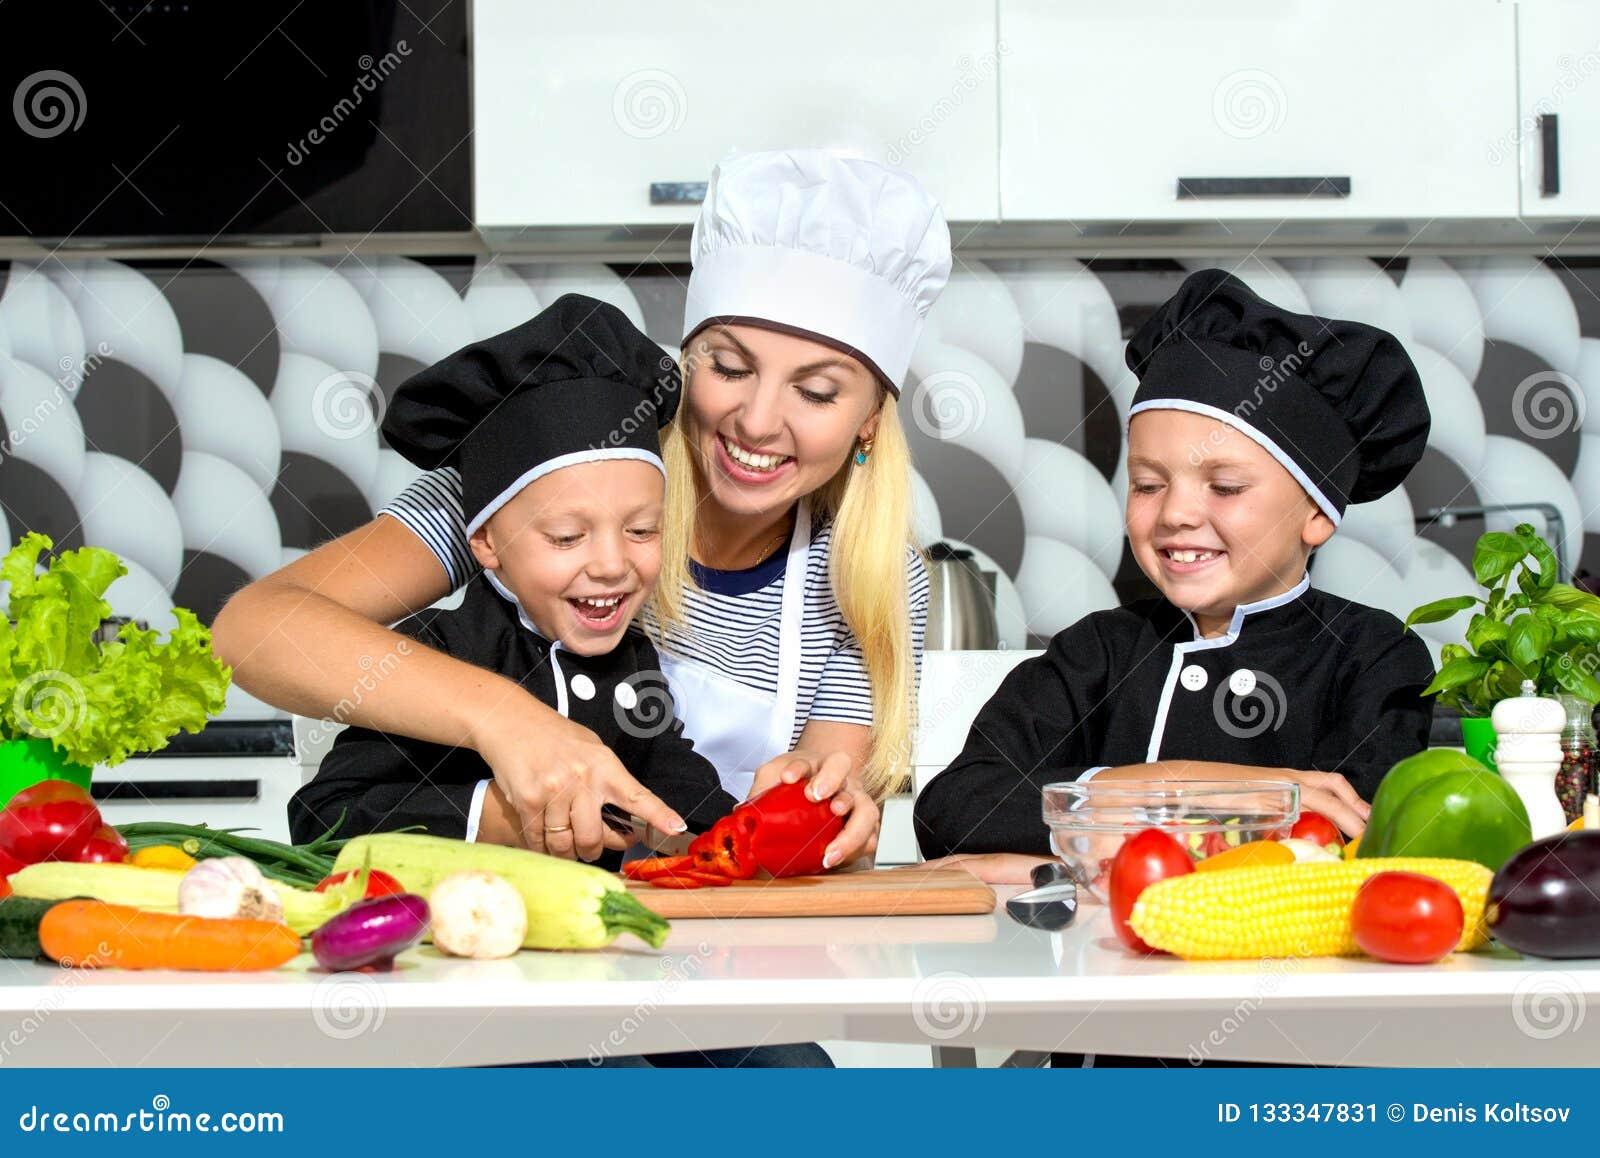 Eine Familie von Köchen Gesundes Essen Mutter und Kinder bereitet Gemüsesalat in der Küche zu